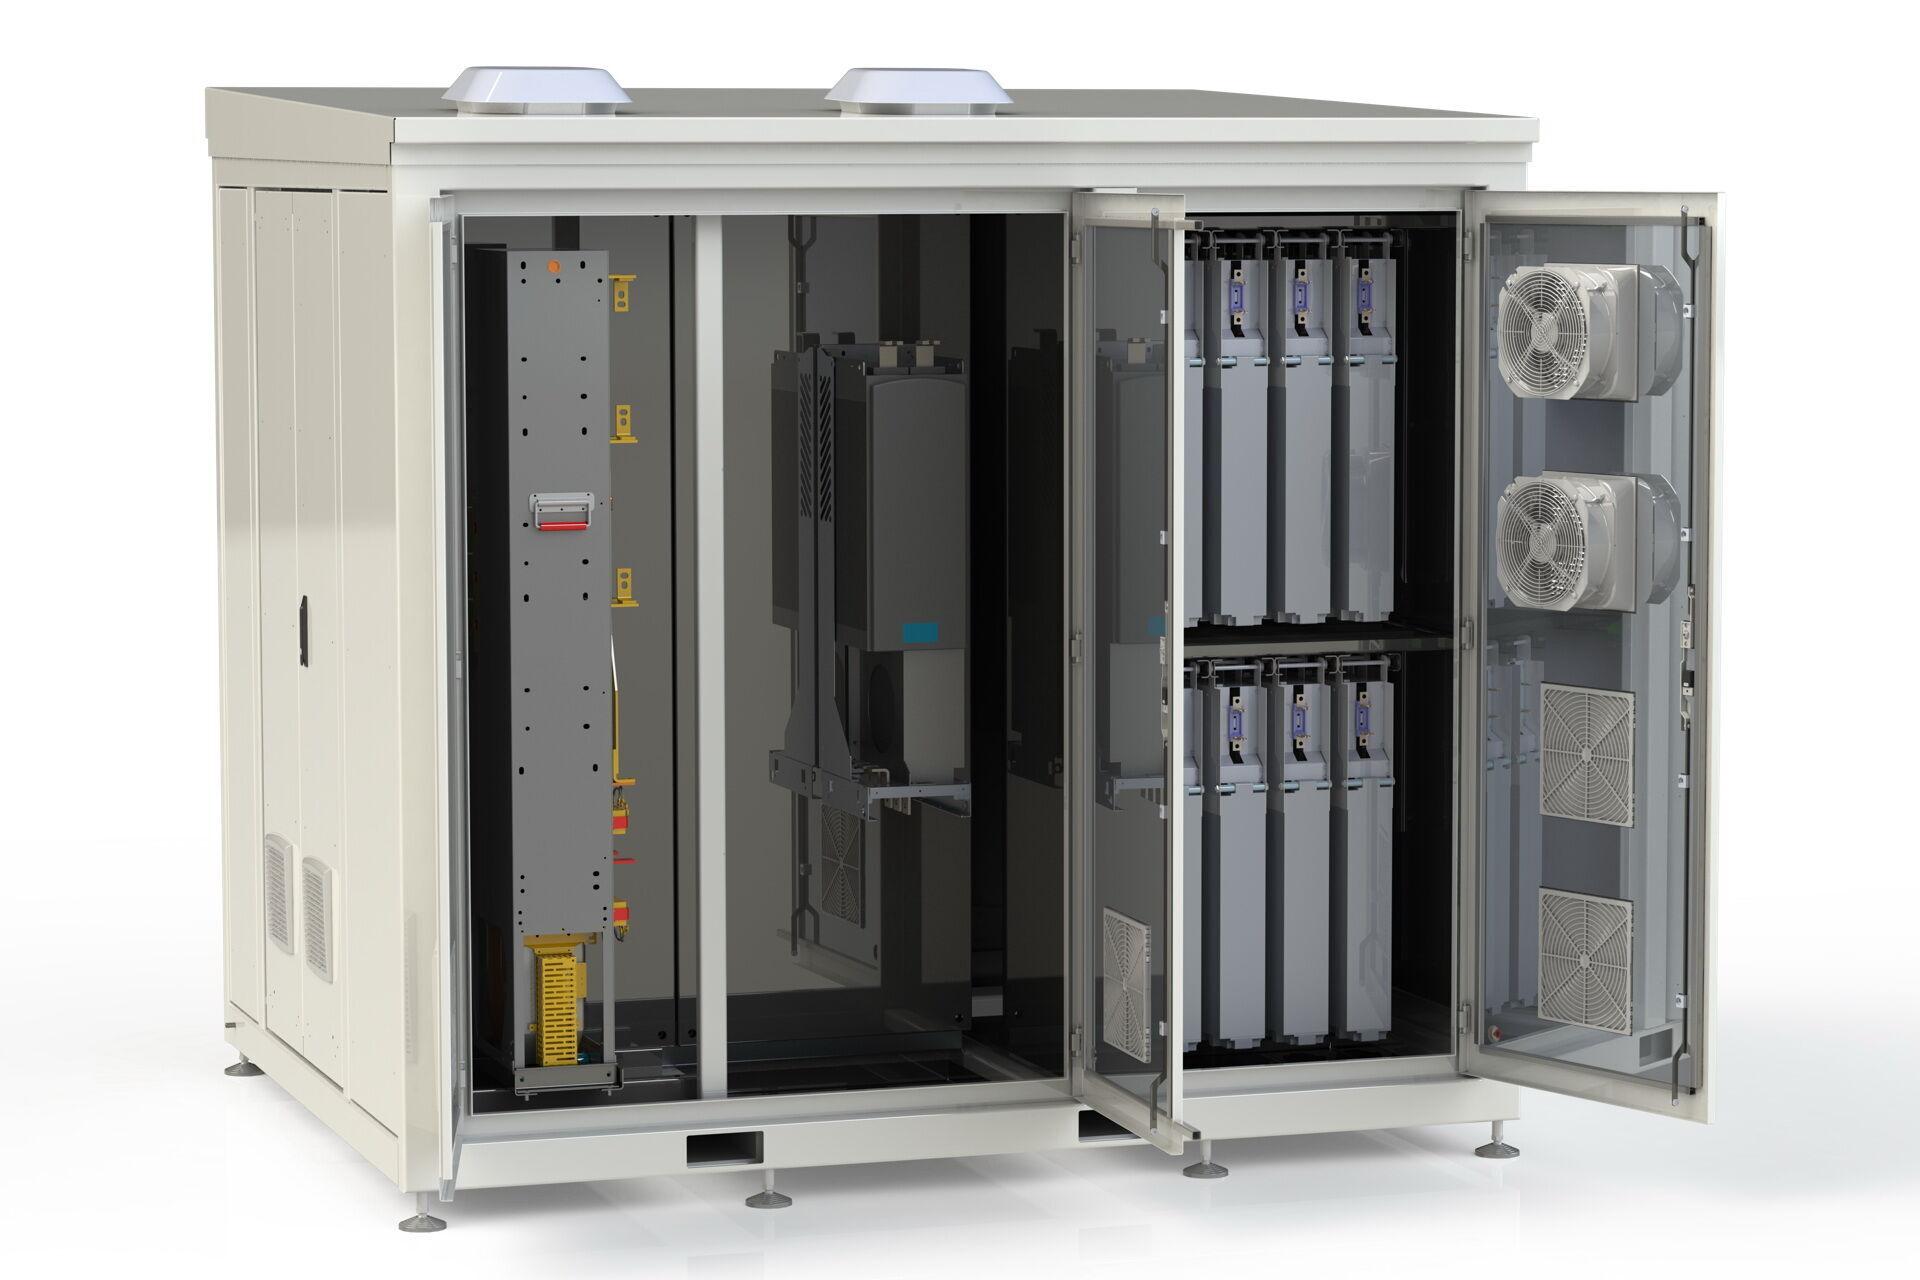 Силові концентратори можуть вміщати до 20 акумуляторів на 13 кВтг або 5 акумуляторів на 82 кВтг